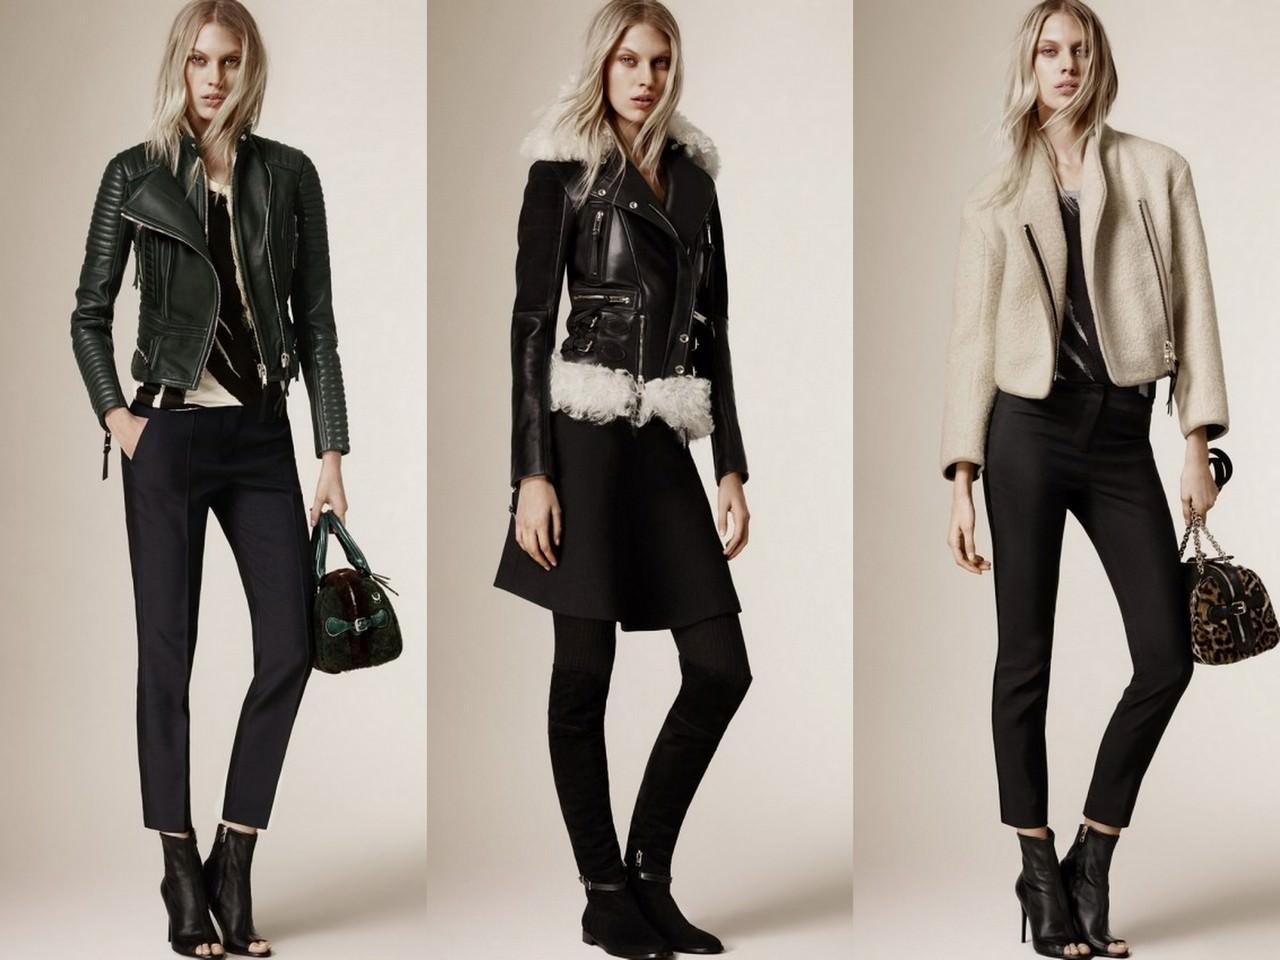 6b3af0658f4 Модные женские куртки осень-зима 2015-2016  стильные